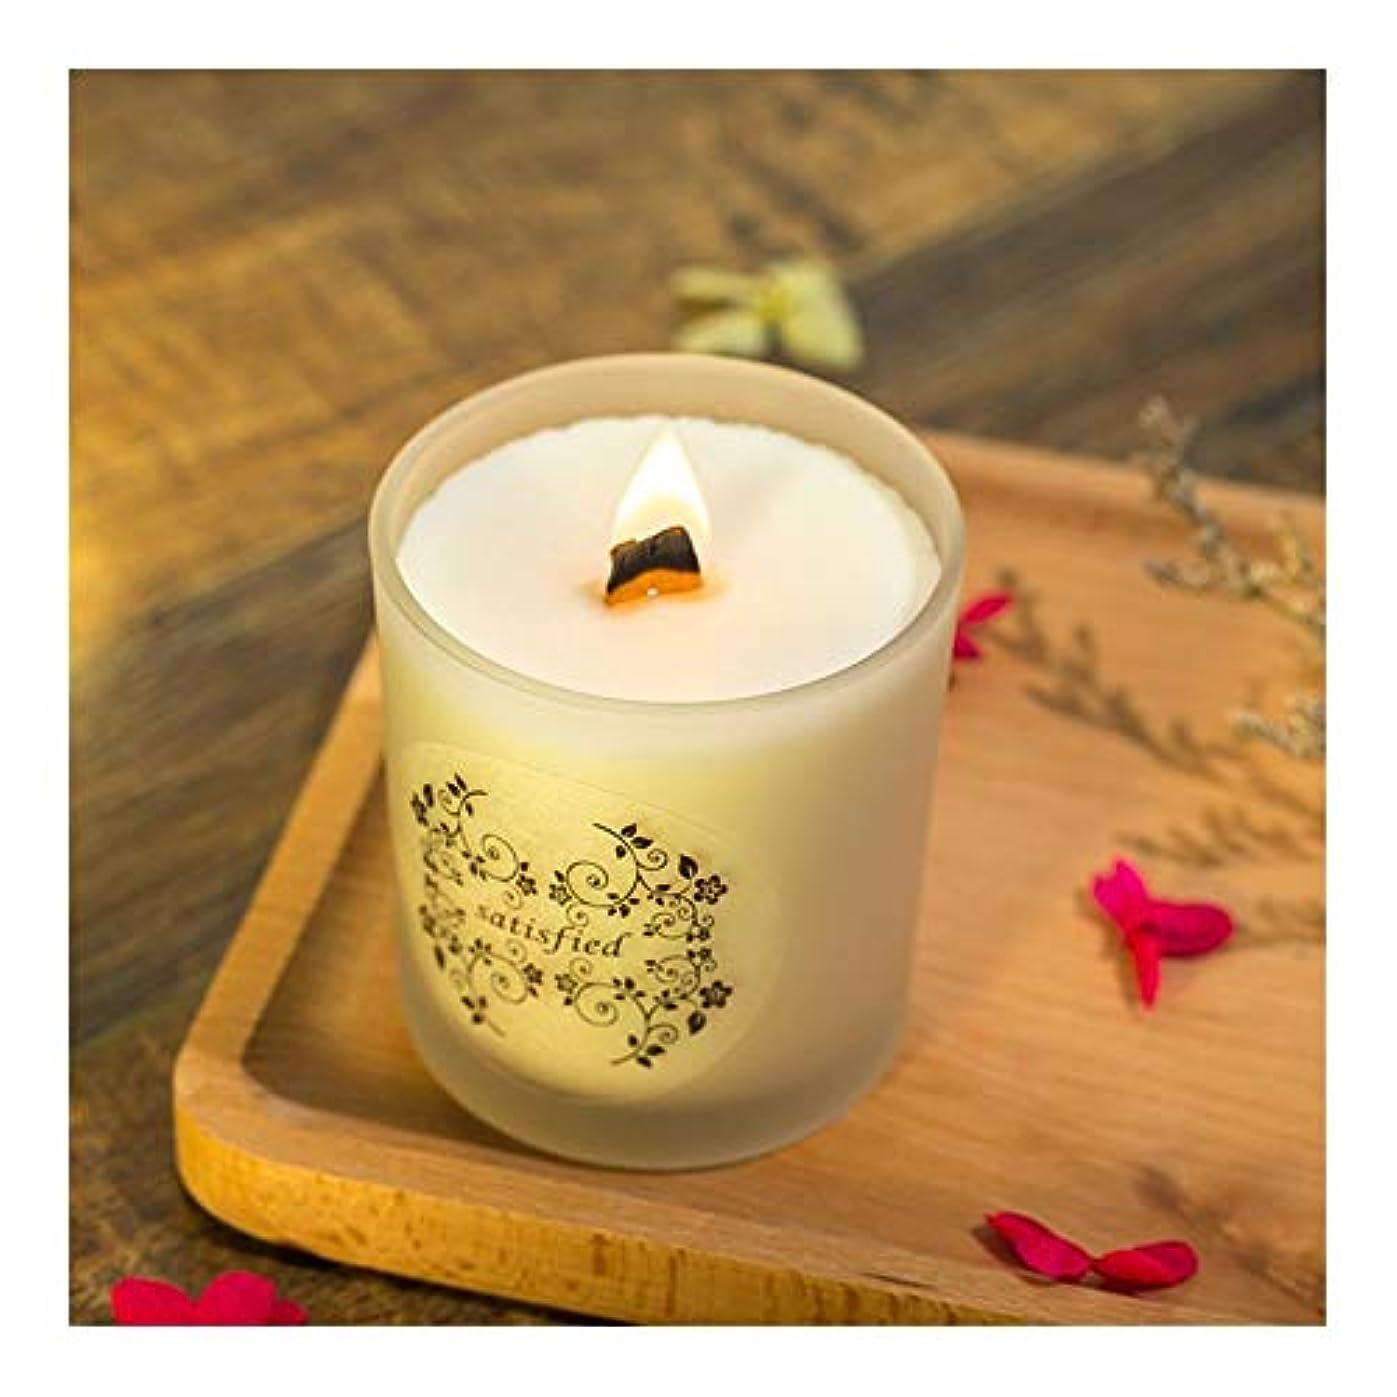 ウィスキー表現哲学Ztian 大豆香料入りキャンドルロマンチックな香料入りキャンドル輸入エッセンシャルオイルキャンドルアロマセラピーガラス無煙 (色 : Lavender)